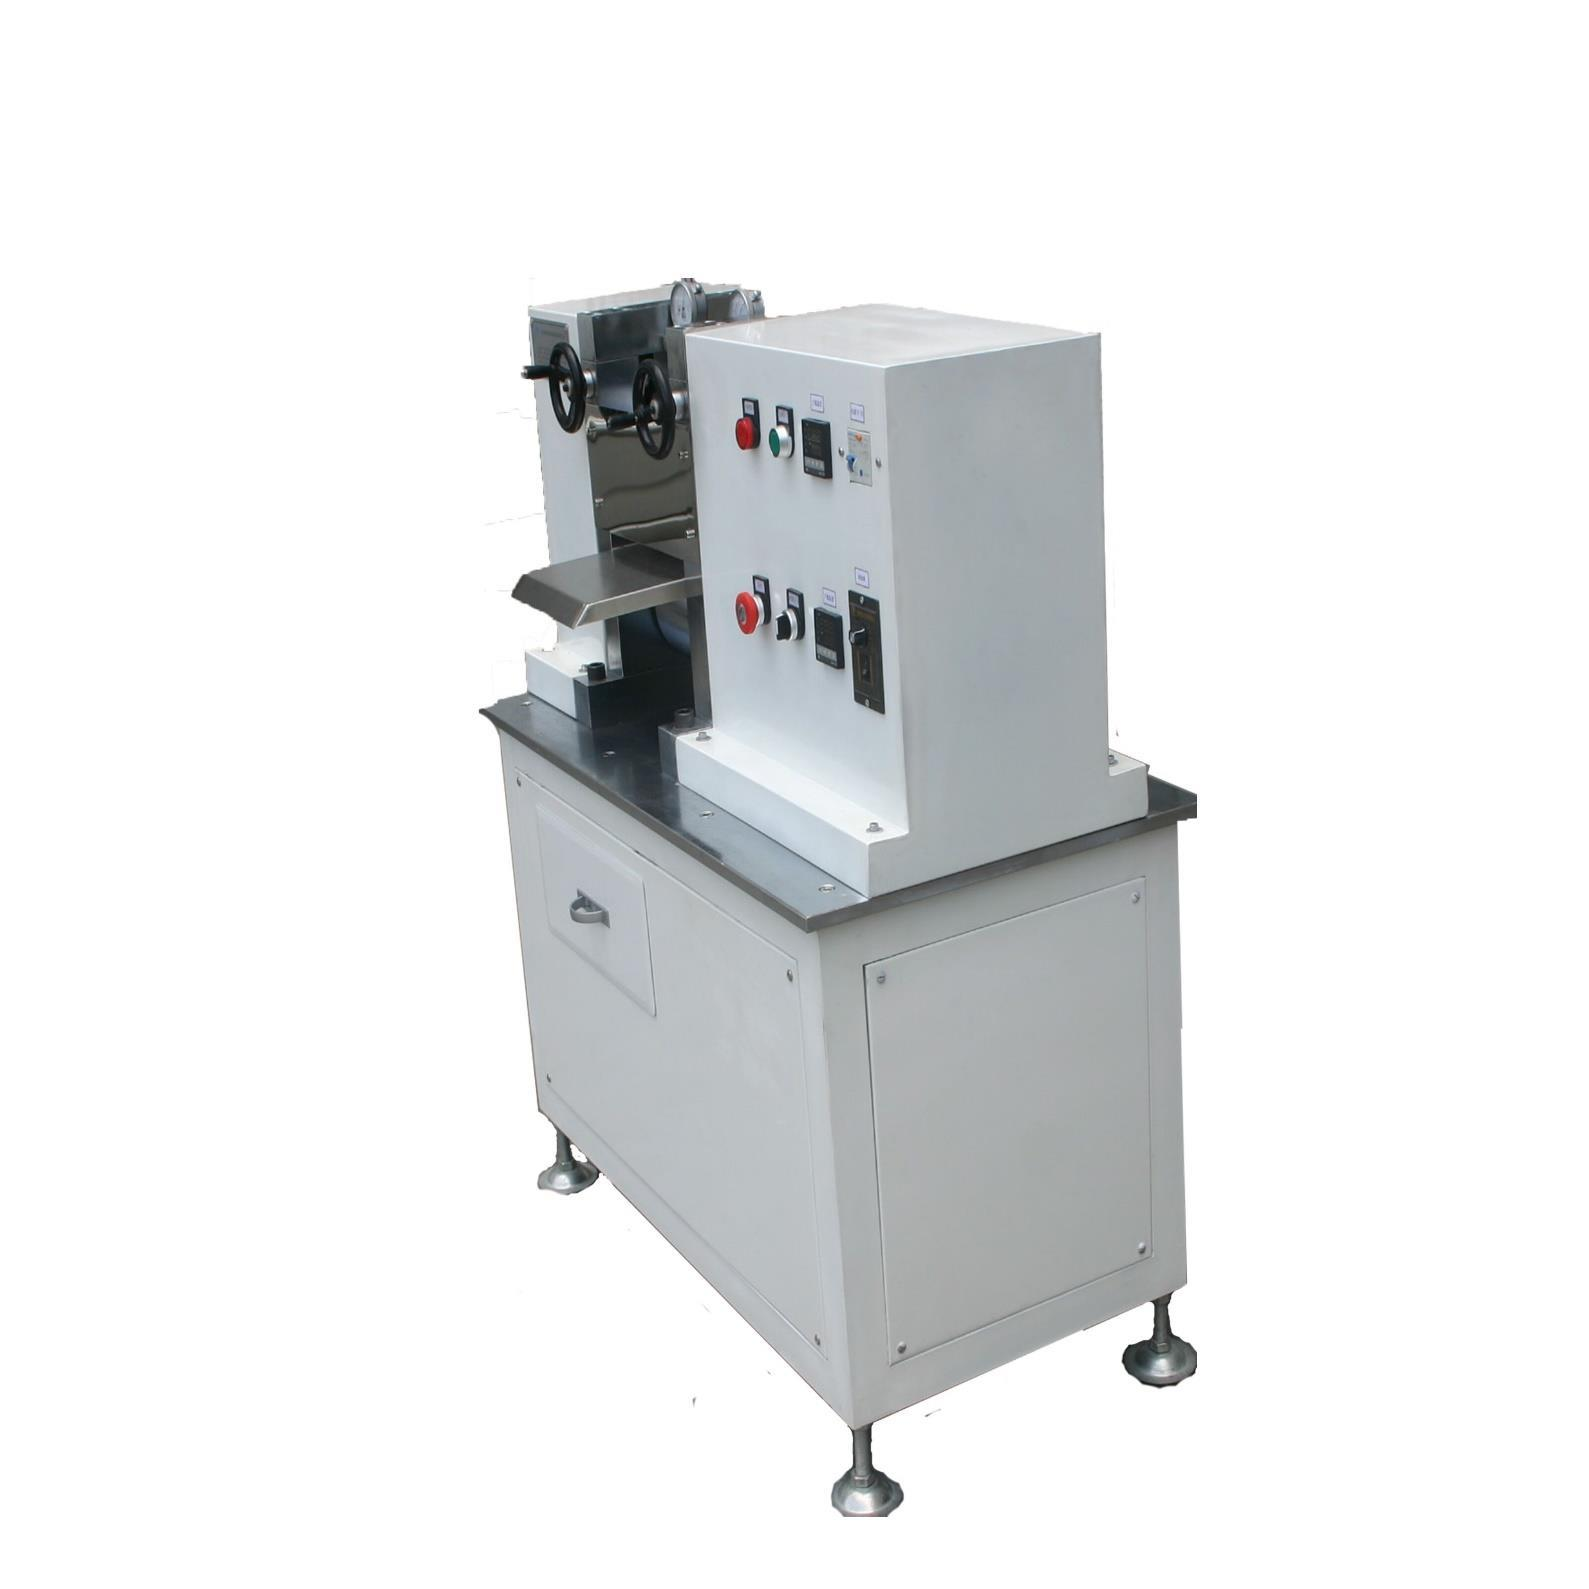 菏泽轧辊机锂电实验设备辊压机批发价